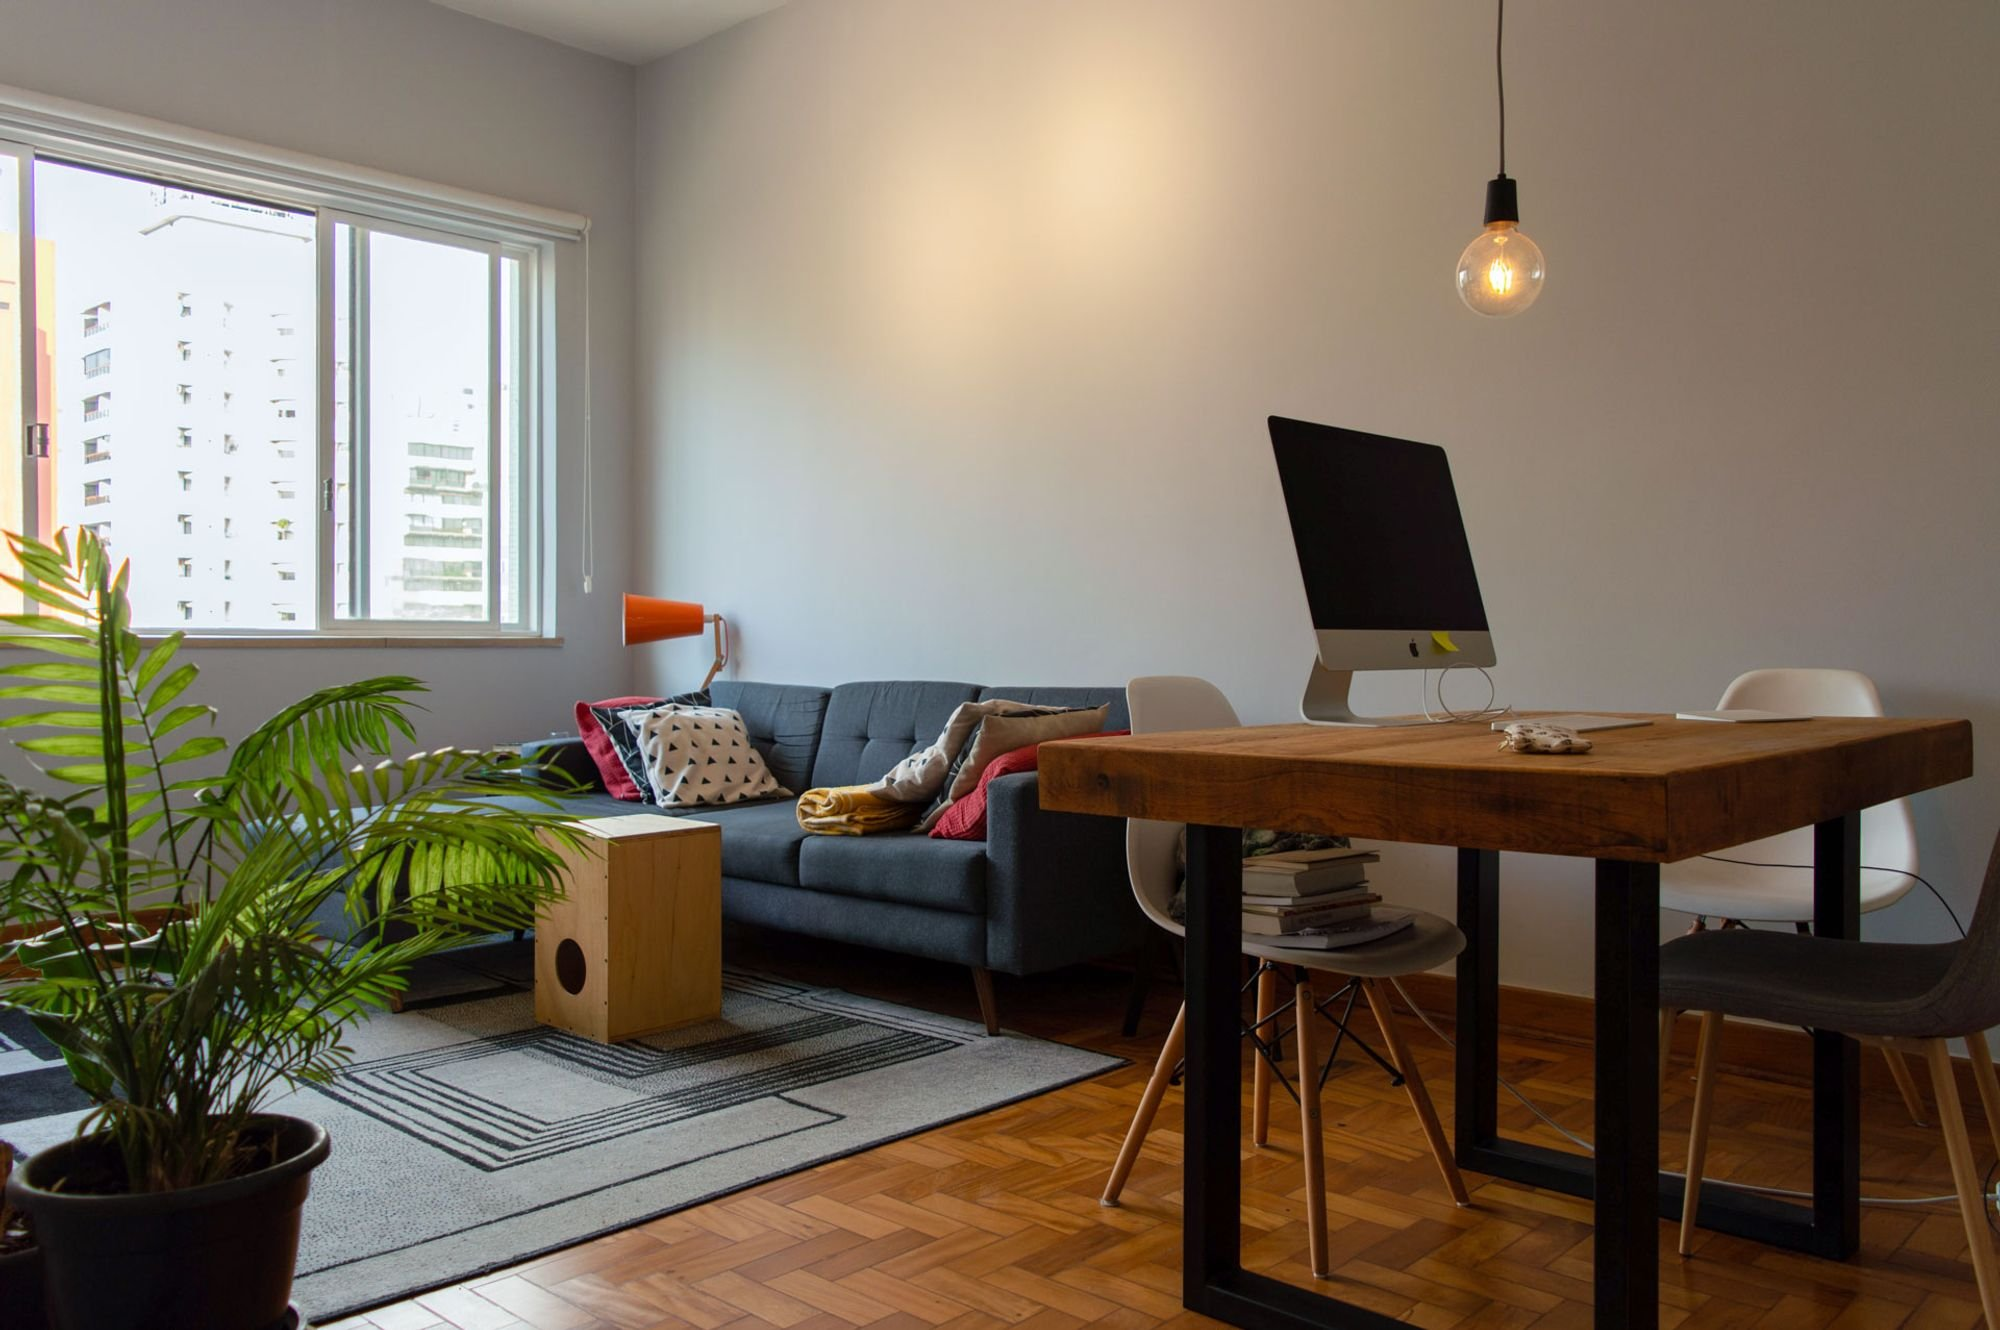 Foto de Sala com vaso de planta, mouse, sofá, cadeira, mesa de jantar